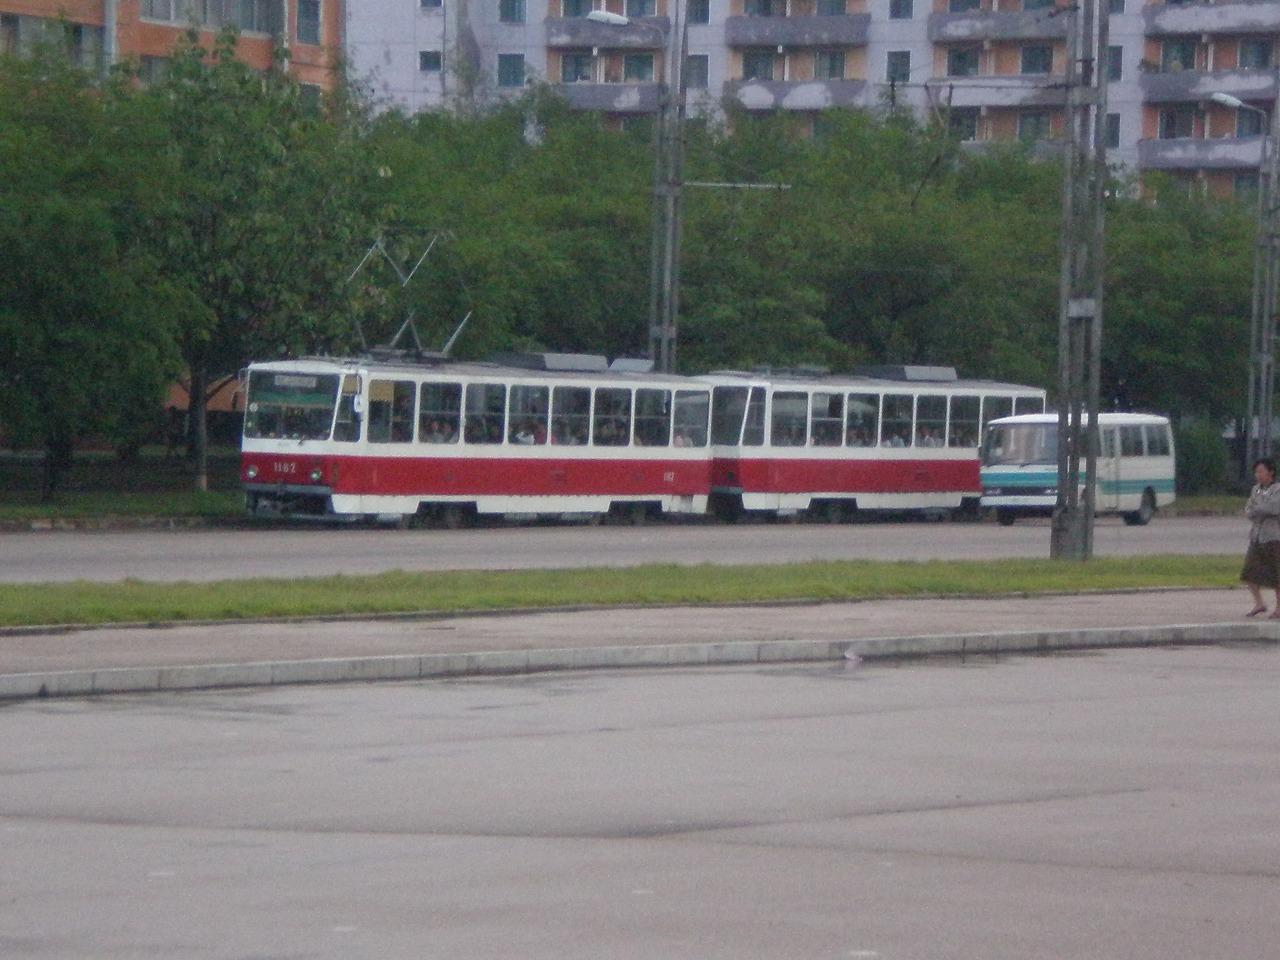 平壌市内を走る路面電車(他にも地下鉄が走っています)